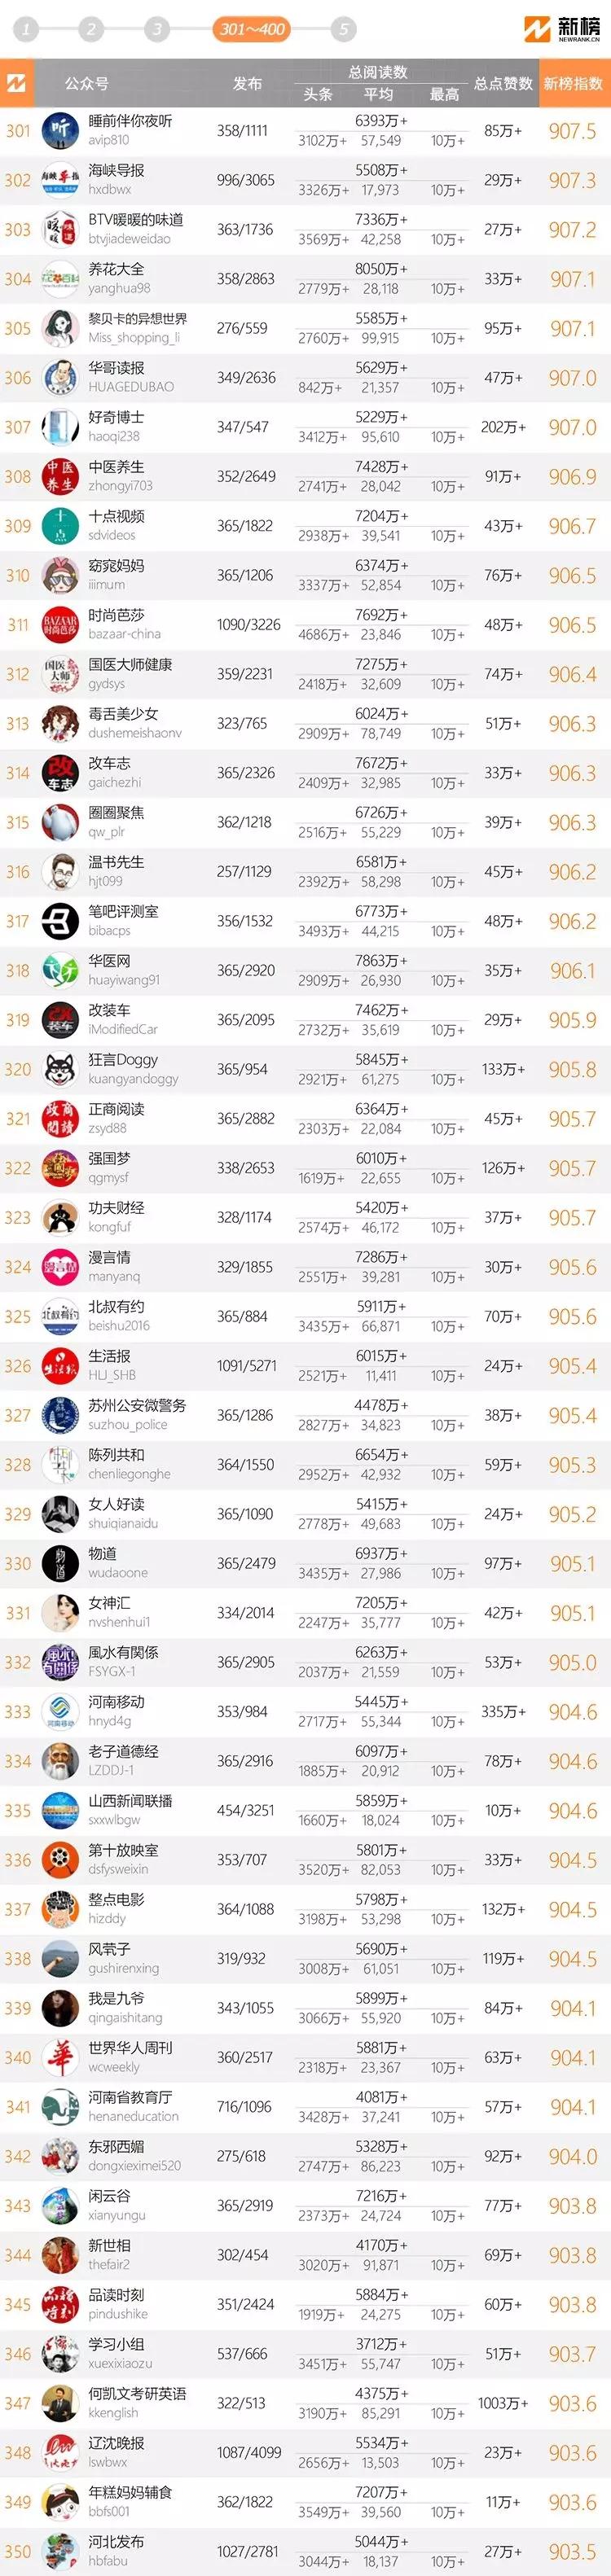 十大微信公众号排名榜-2018中国微信500强排名榜(阅读量排序)